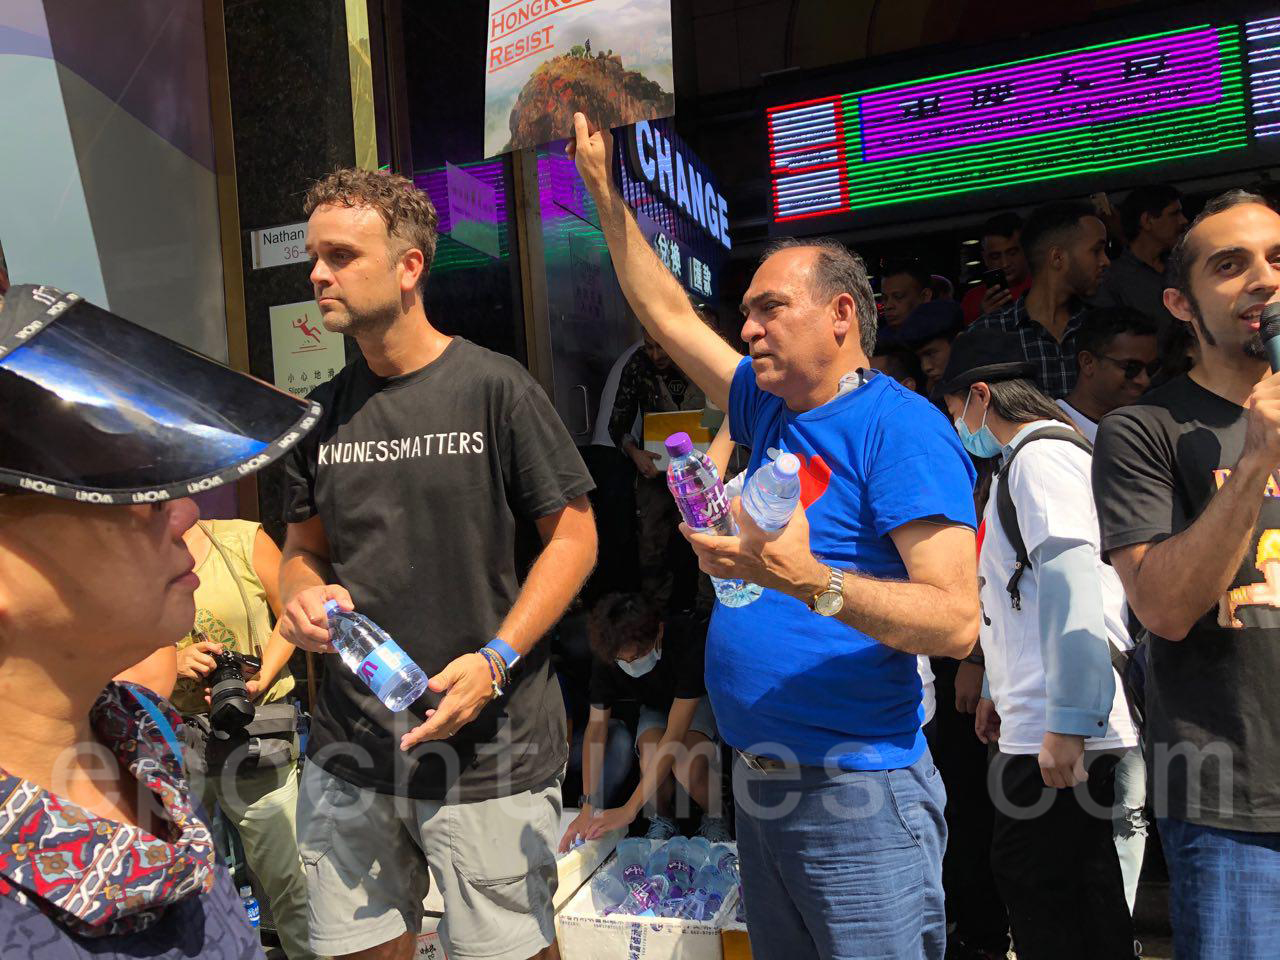 20日在遊行出發地附近,南亞人聚集的重慶大廈附近有南亞人向遊行人群,拍發飲料水,鼓勵市民加油。(余天佑/大紀元)